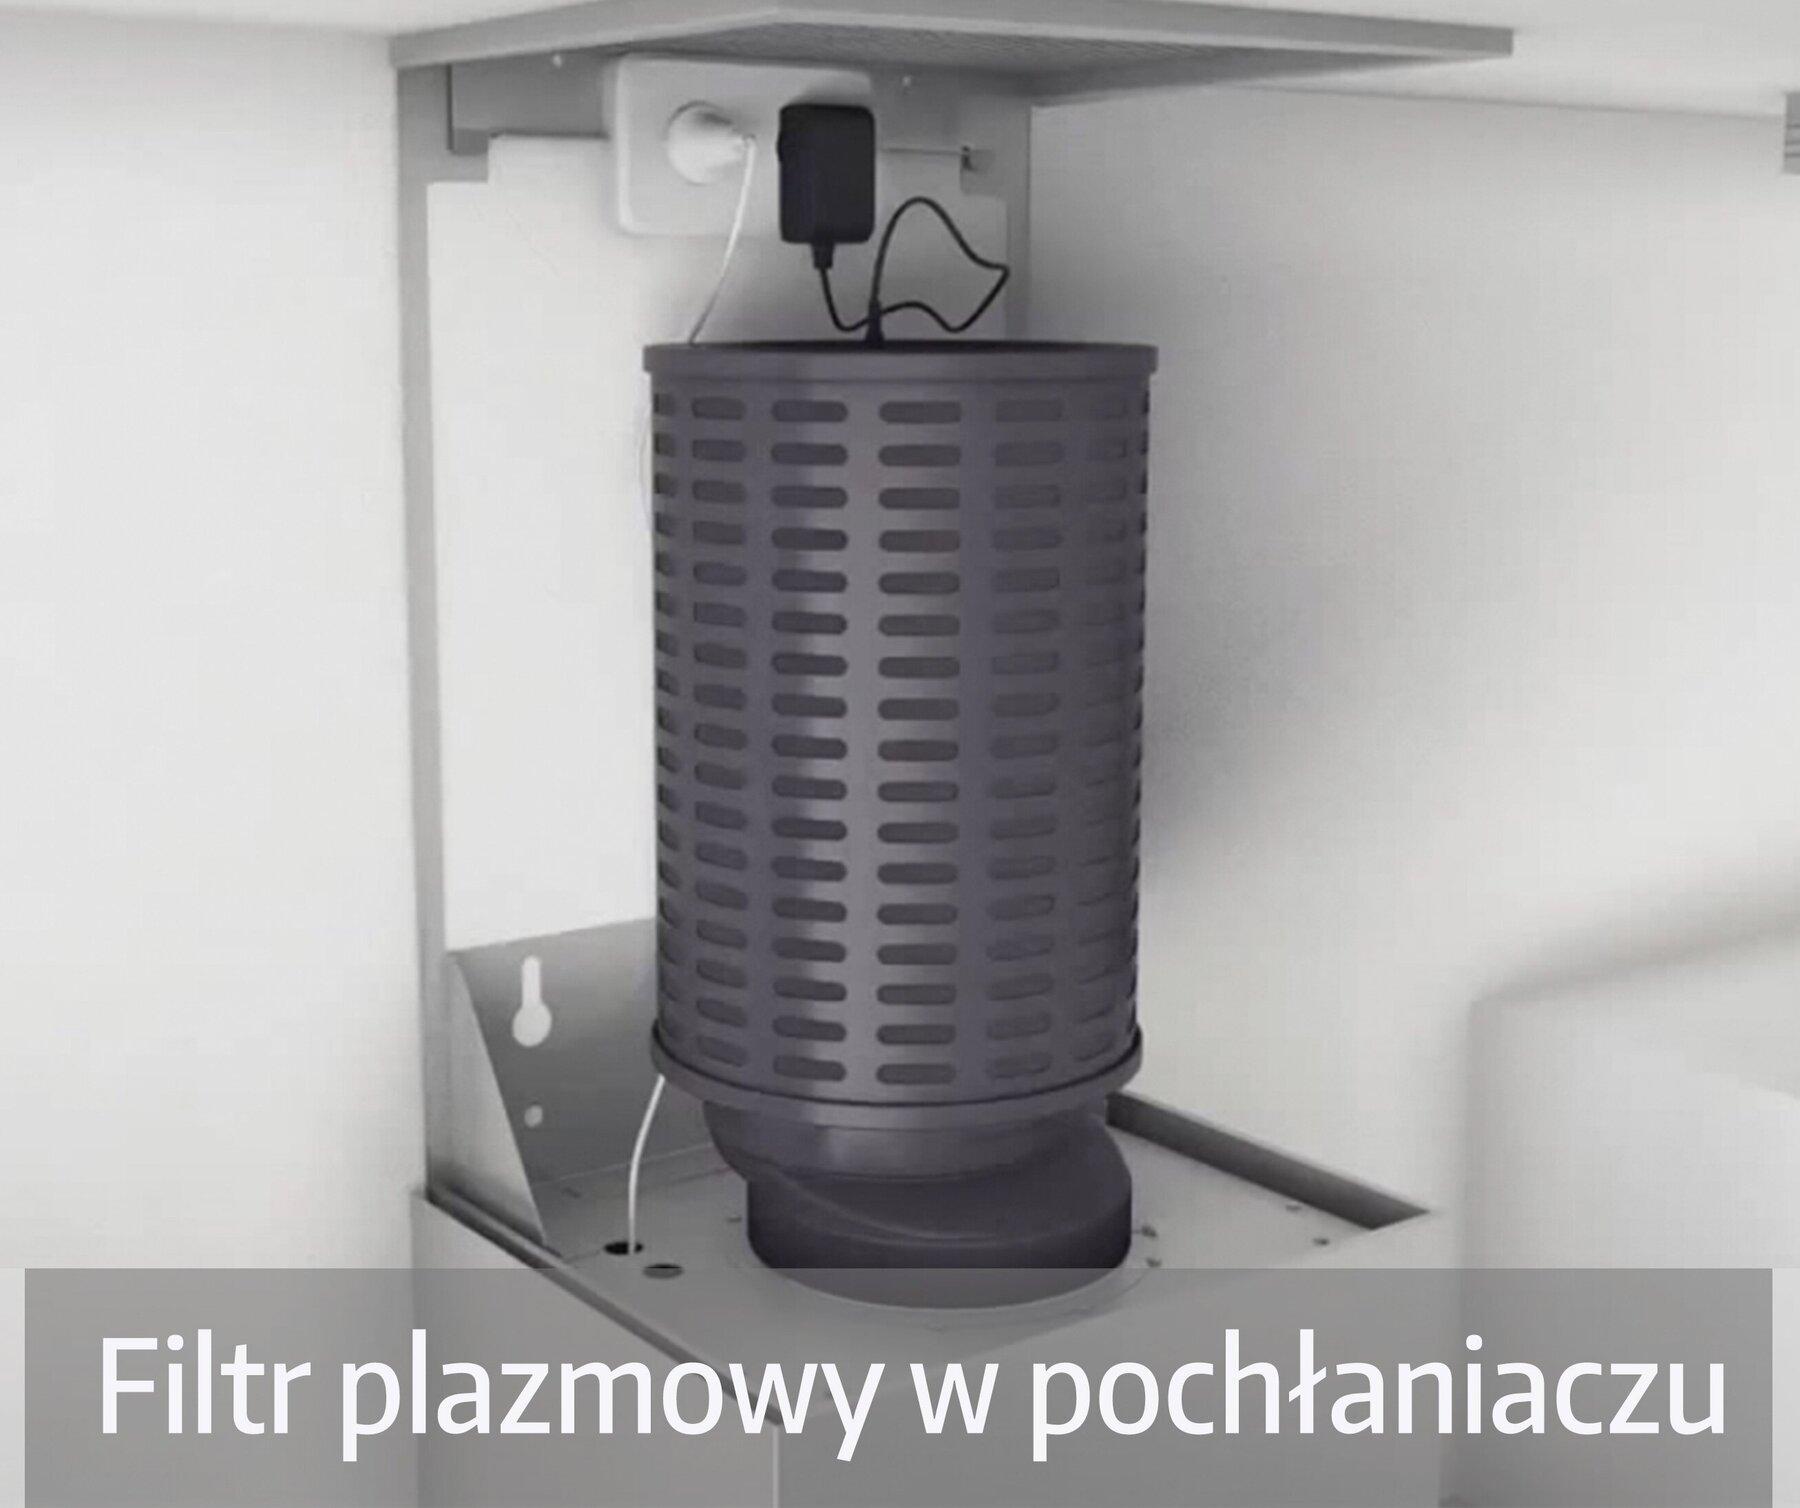 Pochłaniacz kuchenny z filtrem plazmowym